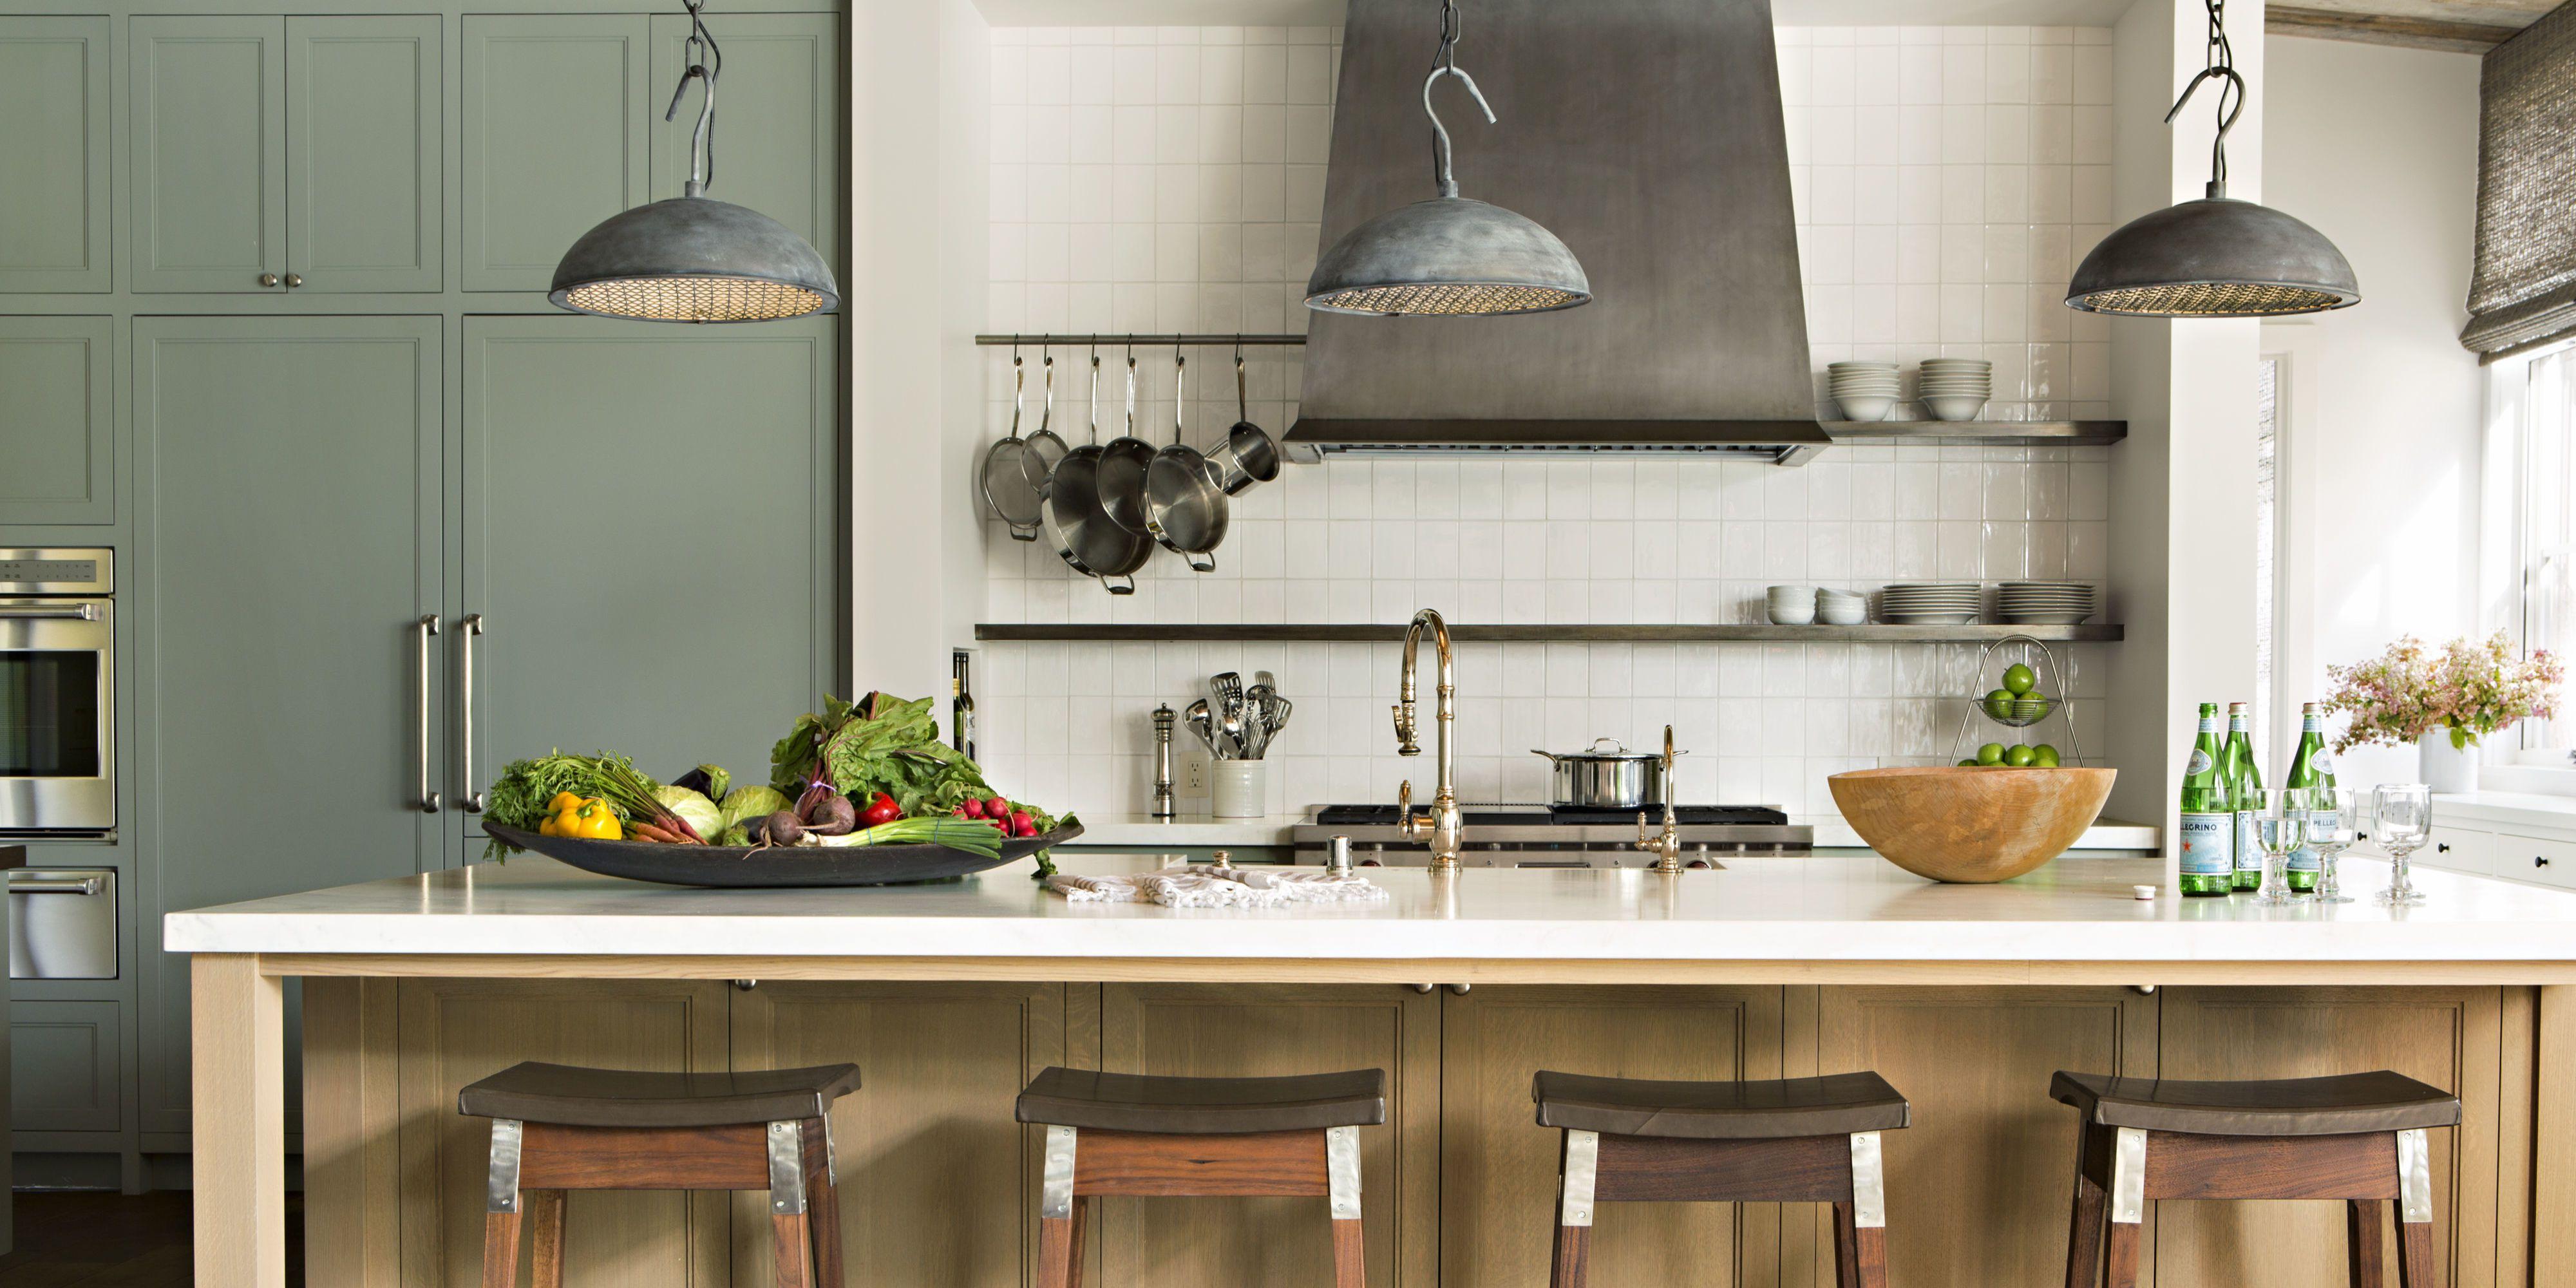 Kitchen Lighting Ideas karyn ... XIFTLVL